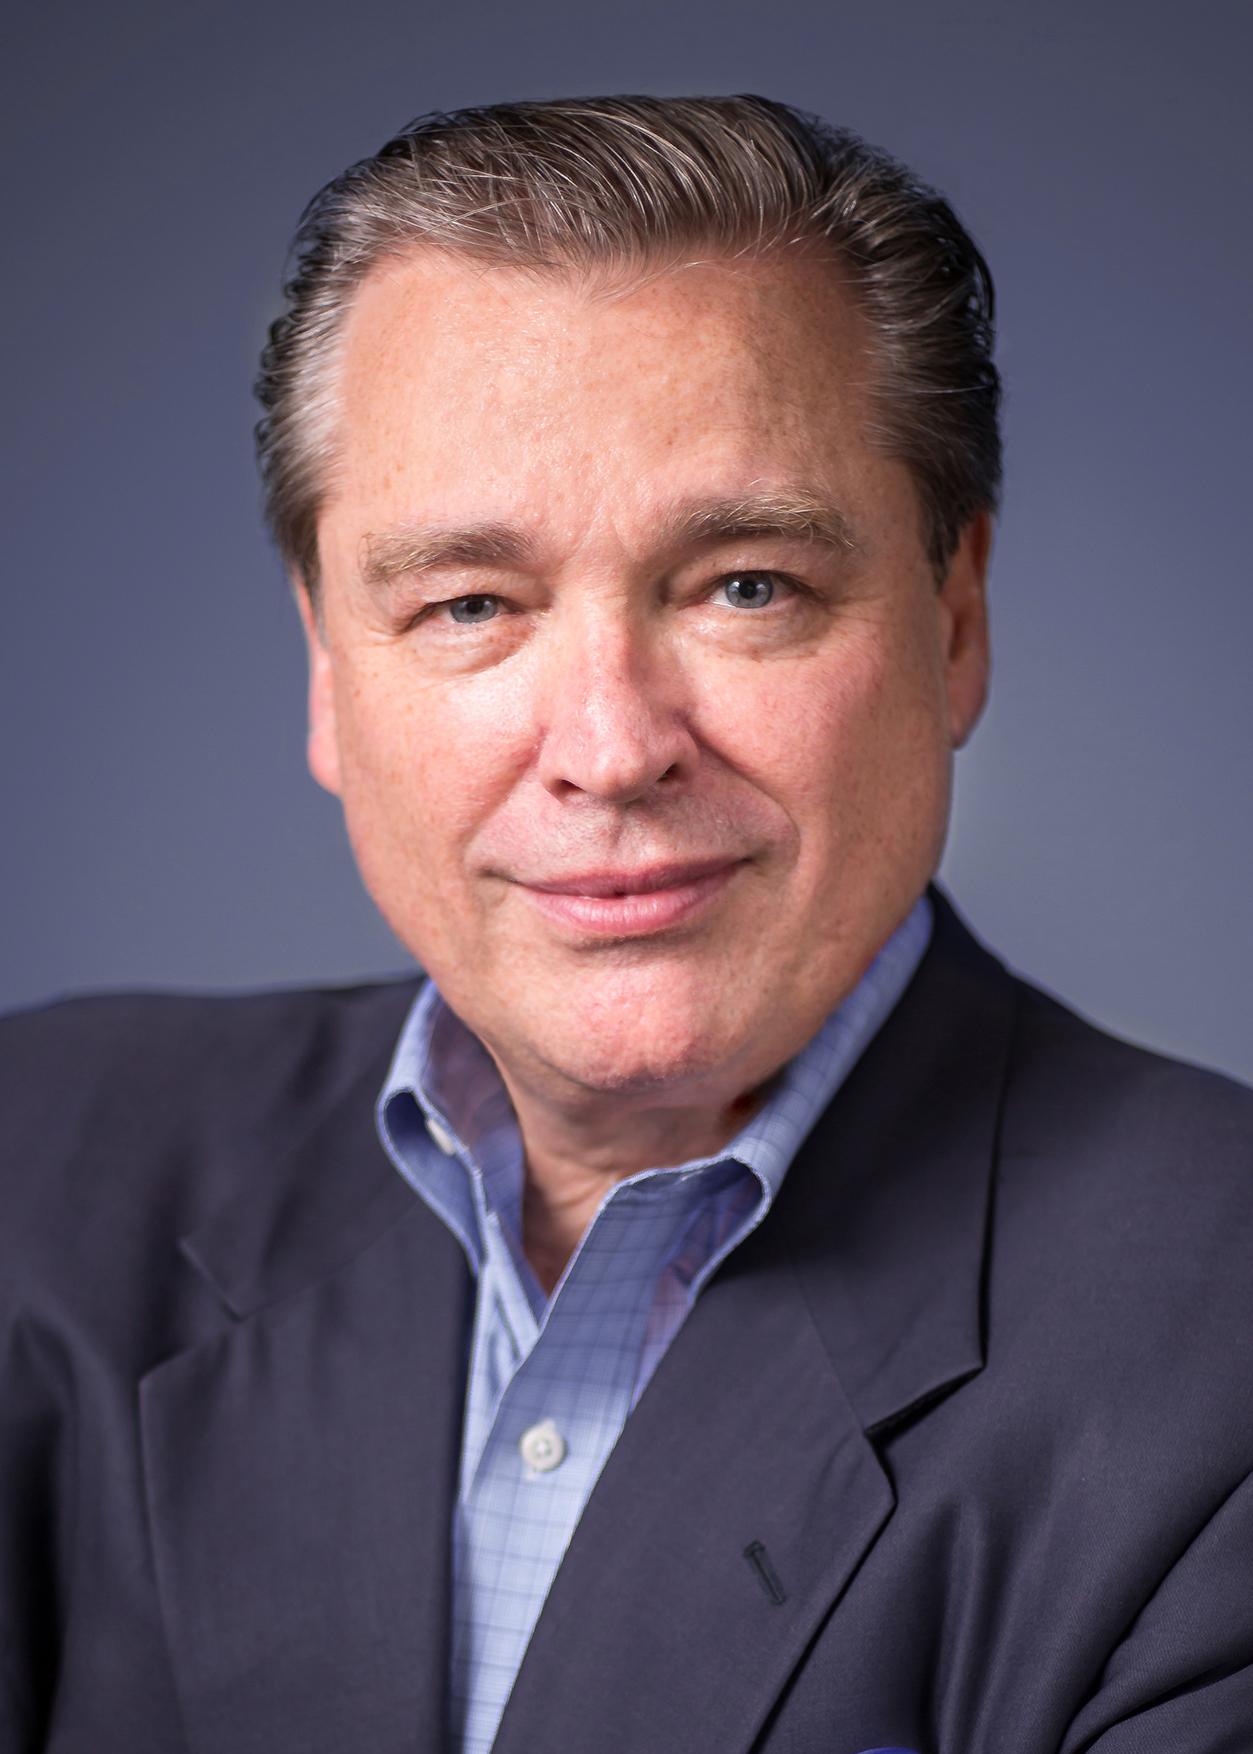 Gerard J. Hall